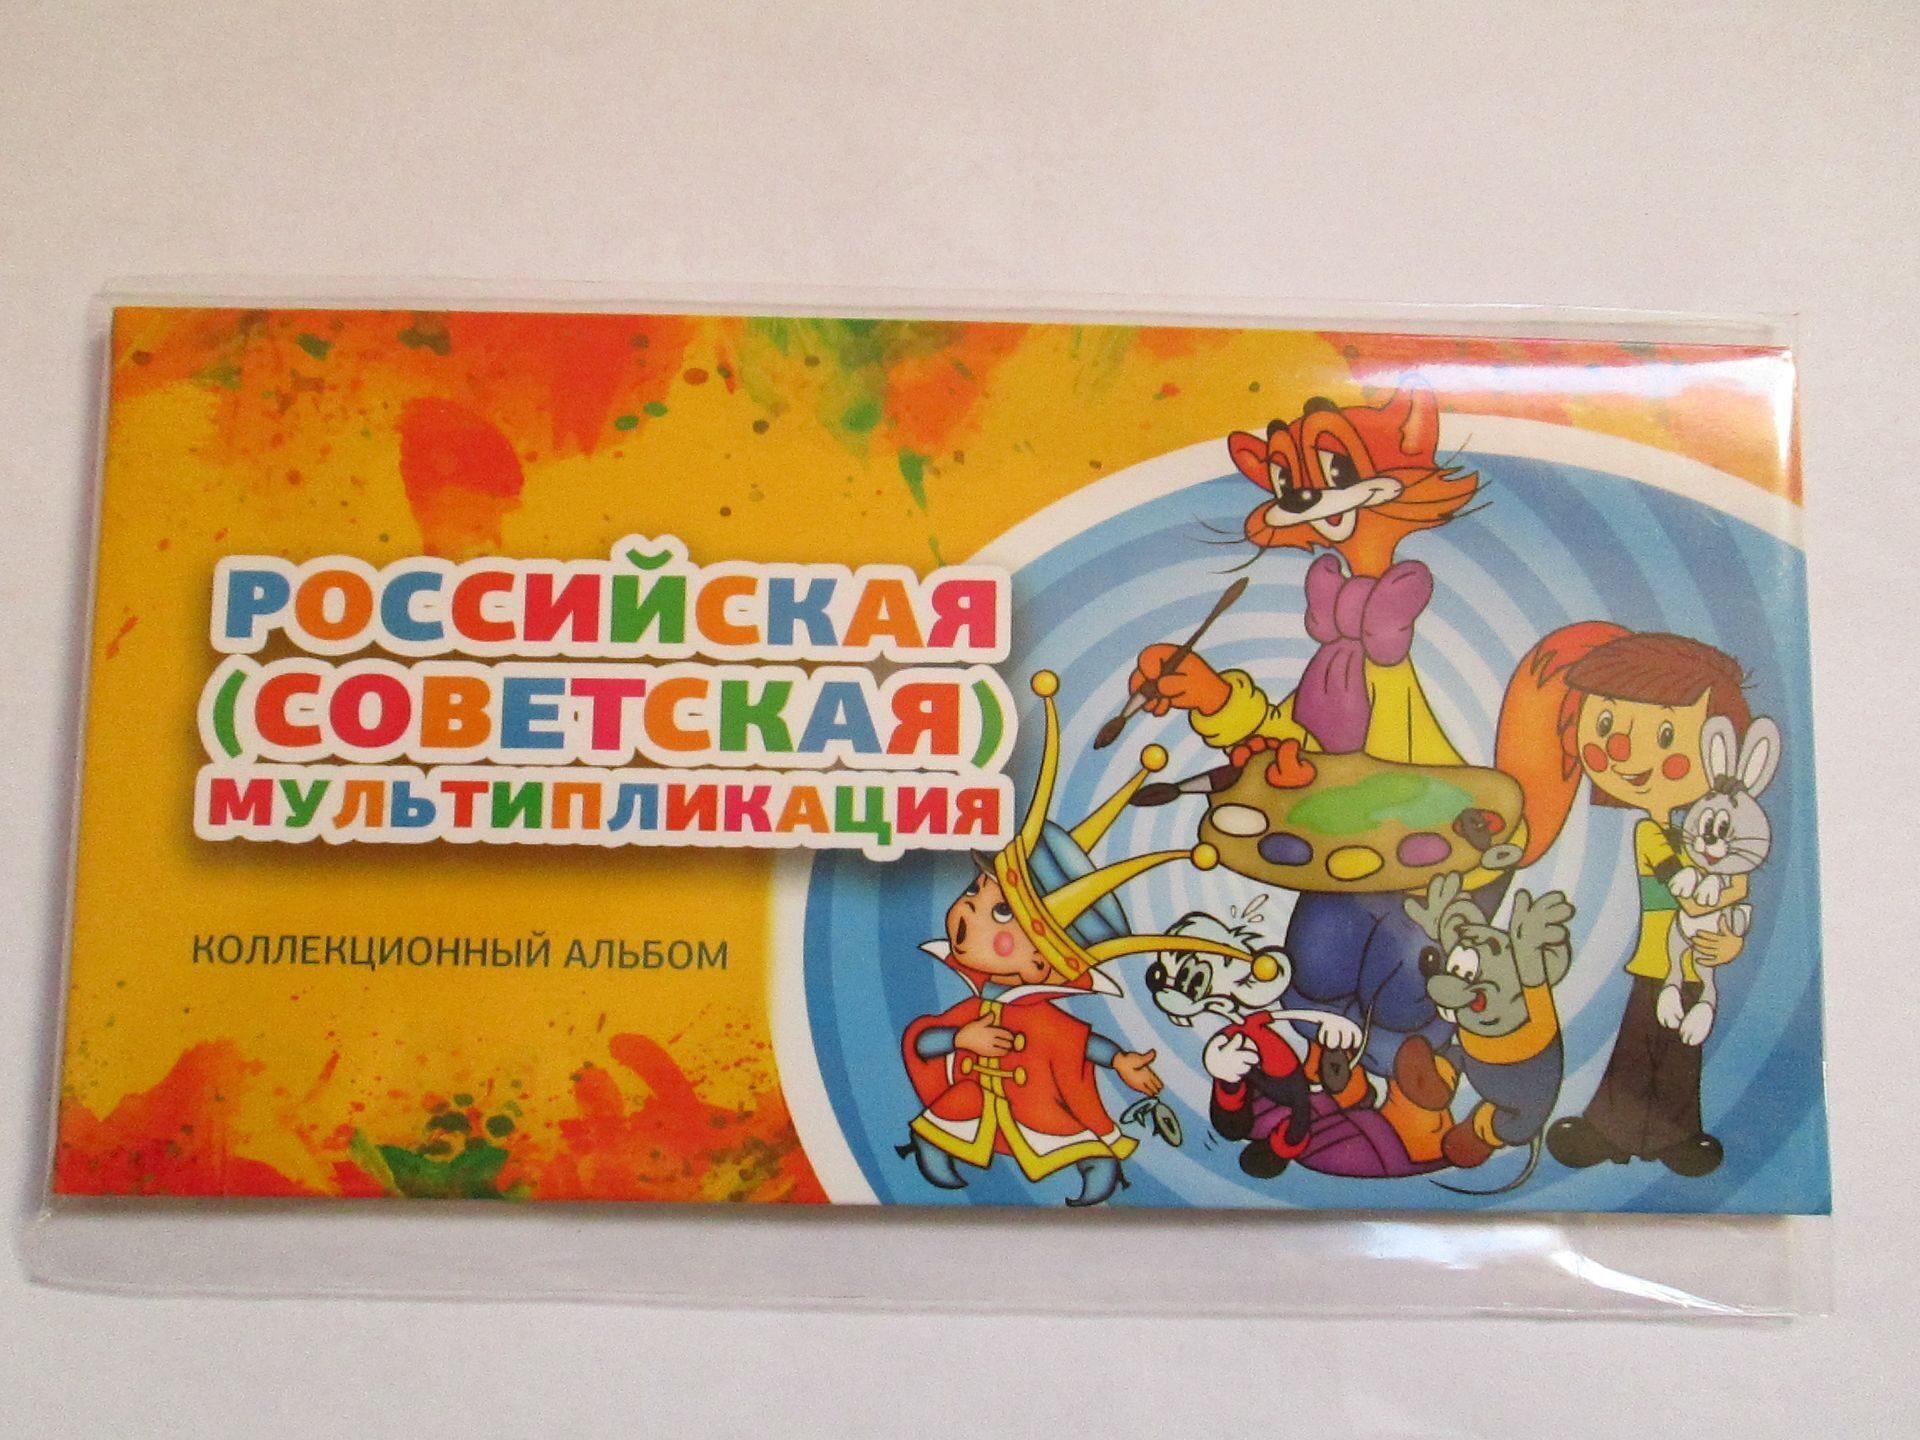 Монеты российская советская мультипликация фото купить металлоискатель в сергиевом посаде